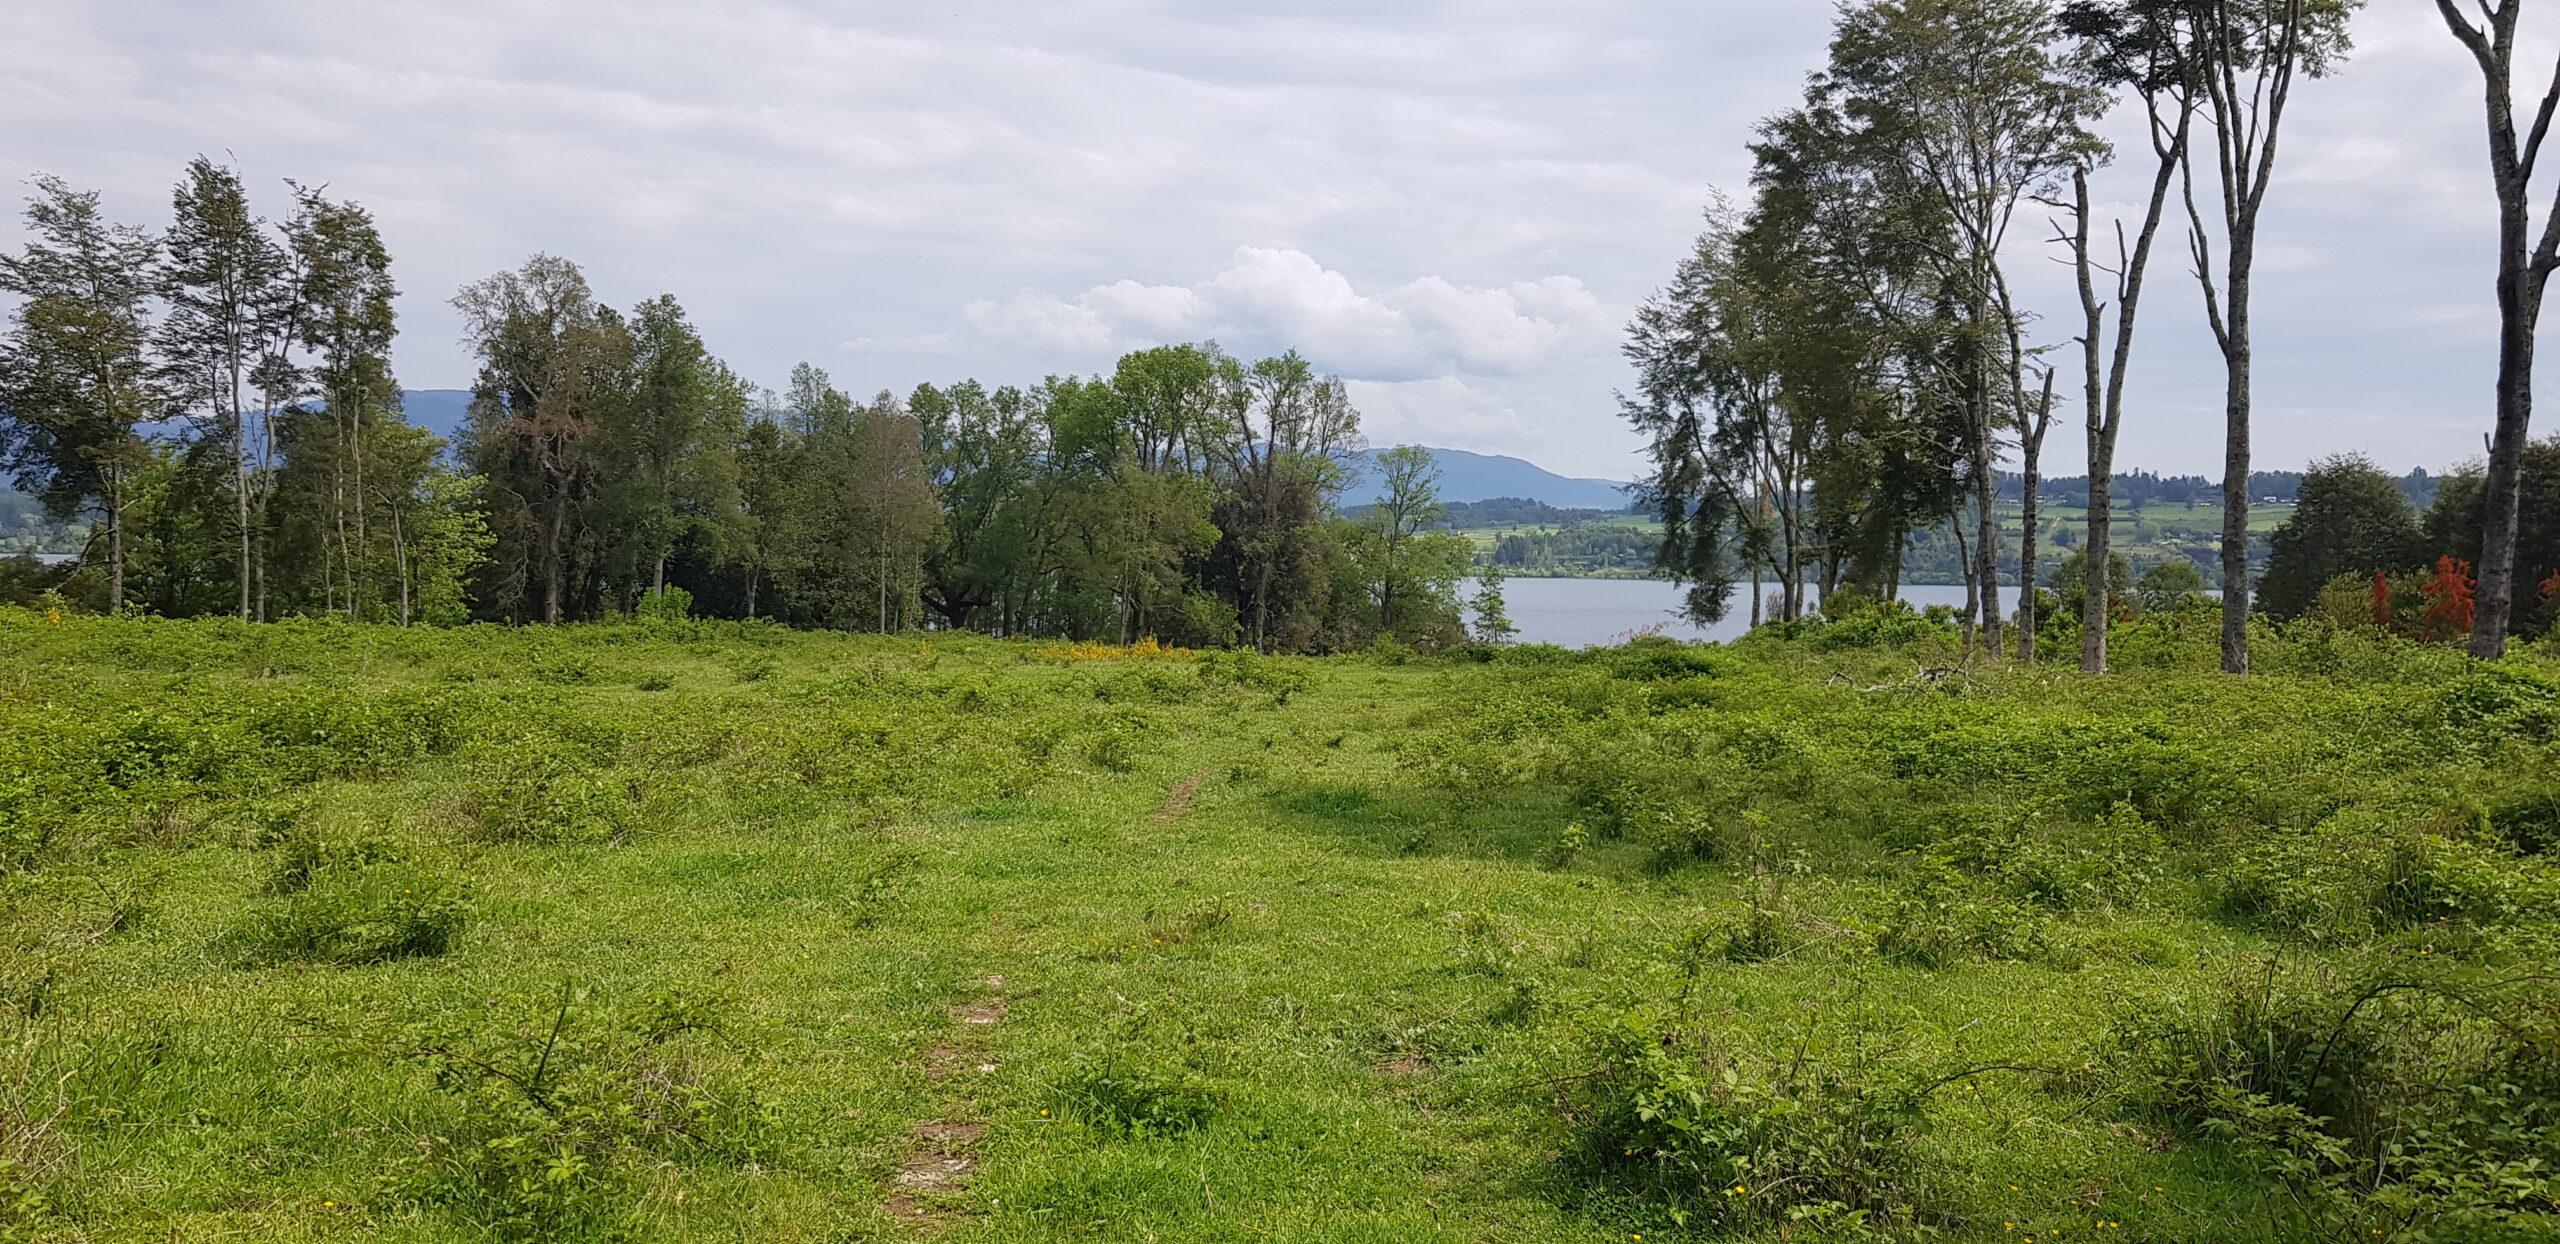 Lago Panguipulli 0,5 ha (0,29 ha útiles) lote 5/ acceso